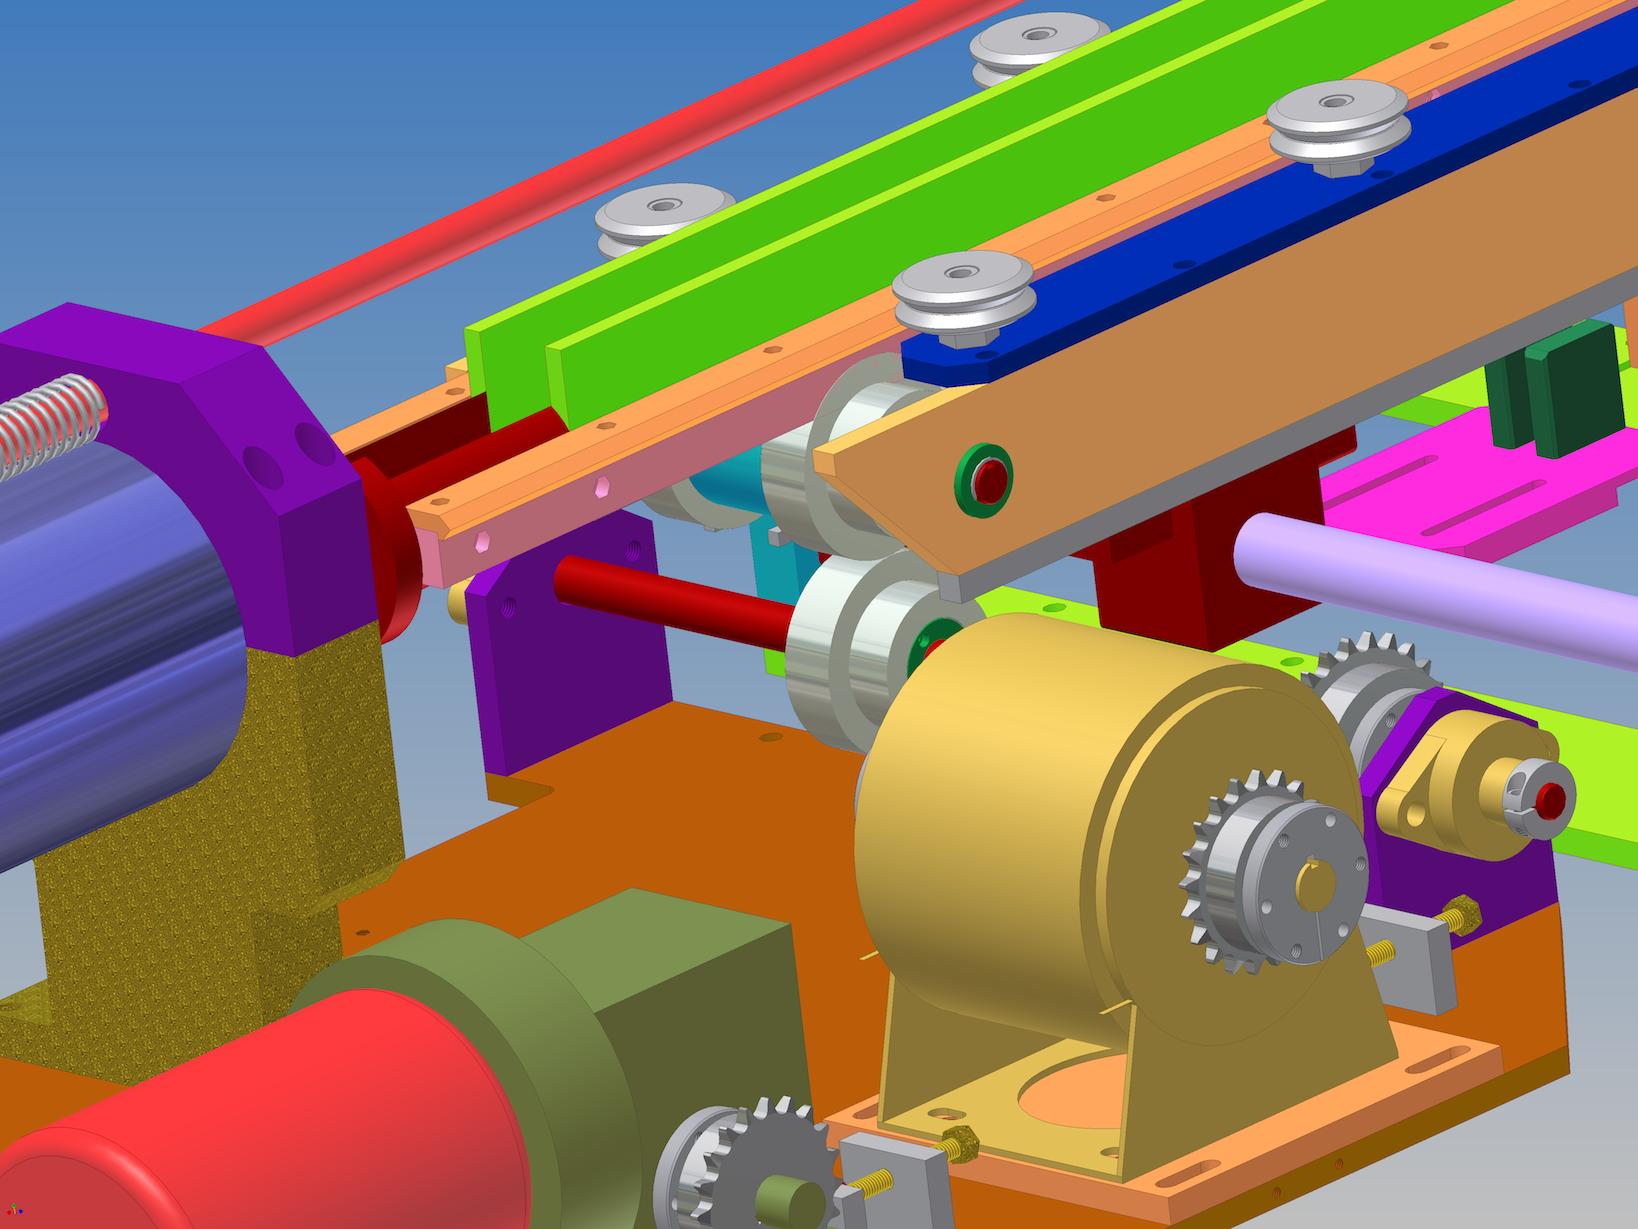 boiler camera power transmission-01 copy.png